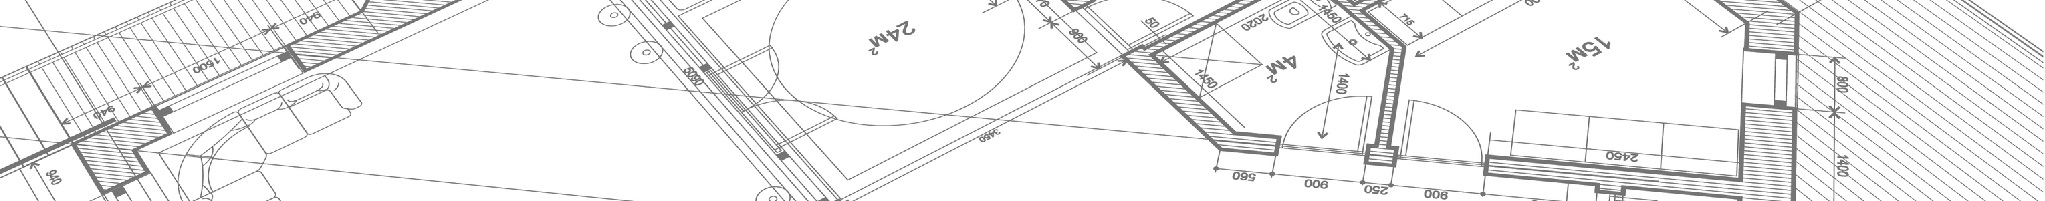 Architekten Bauplanung - Hausplanung 2